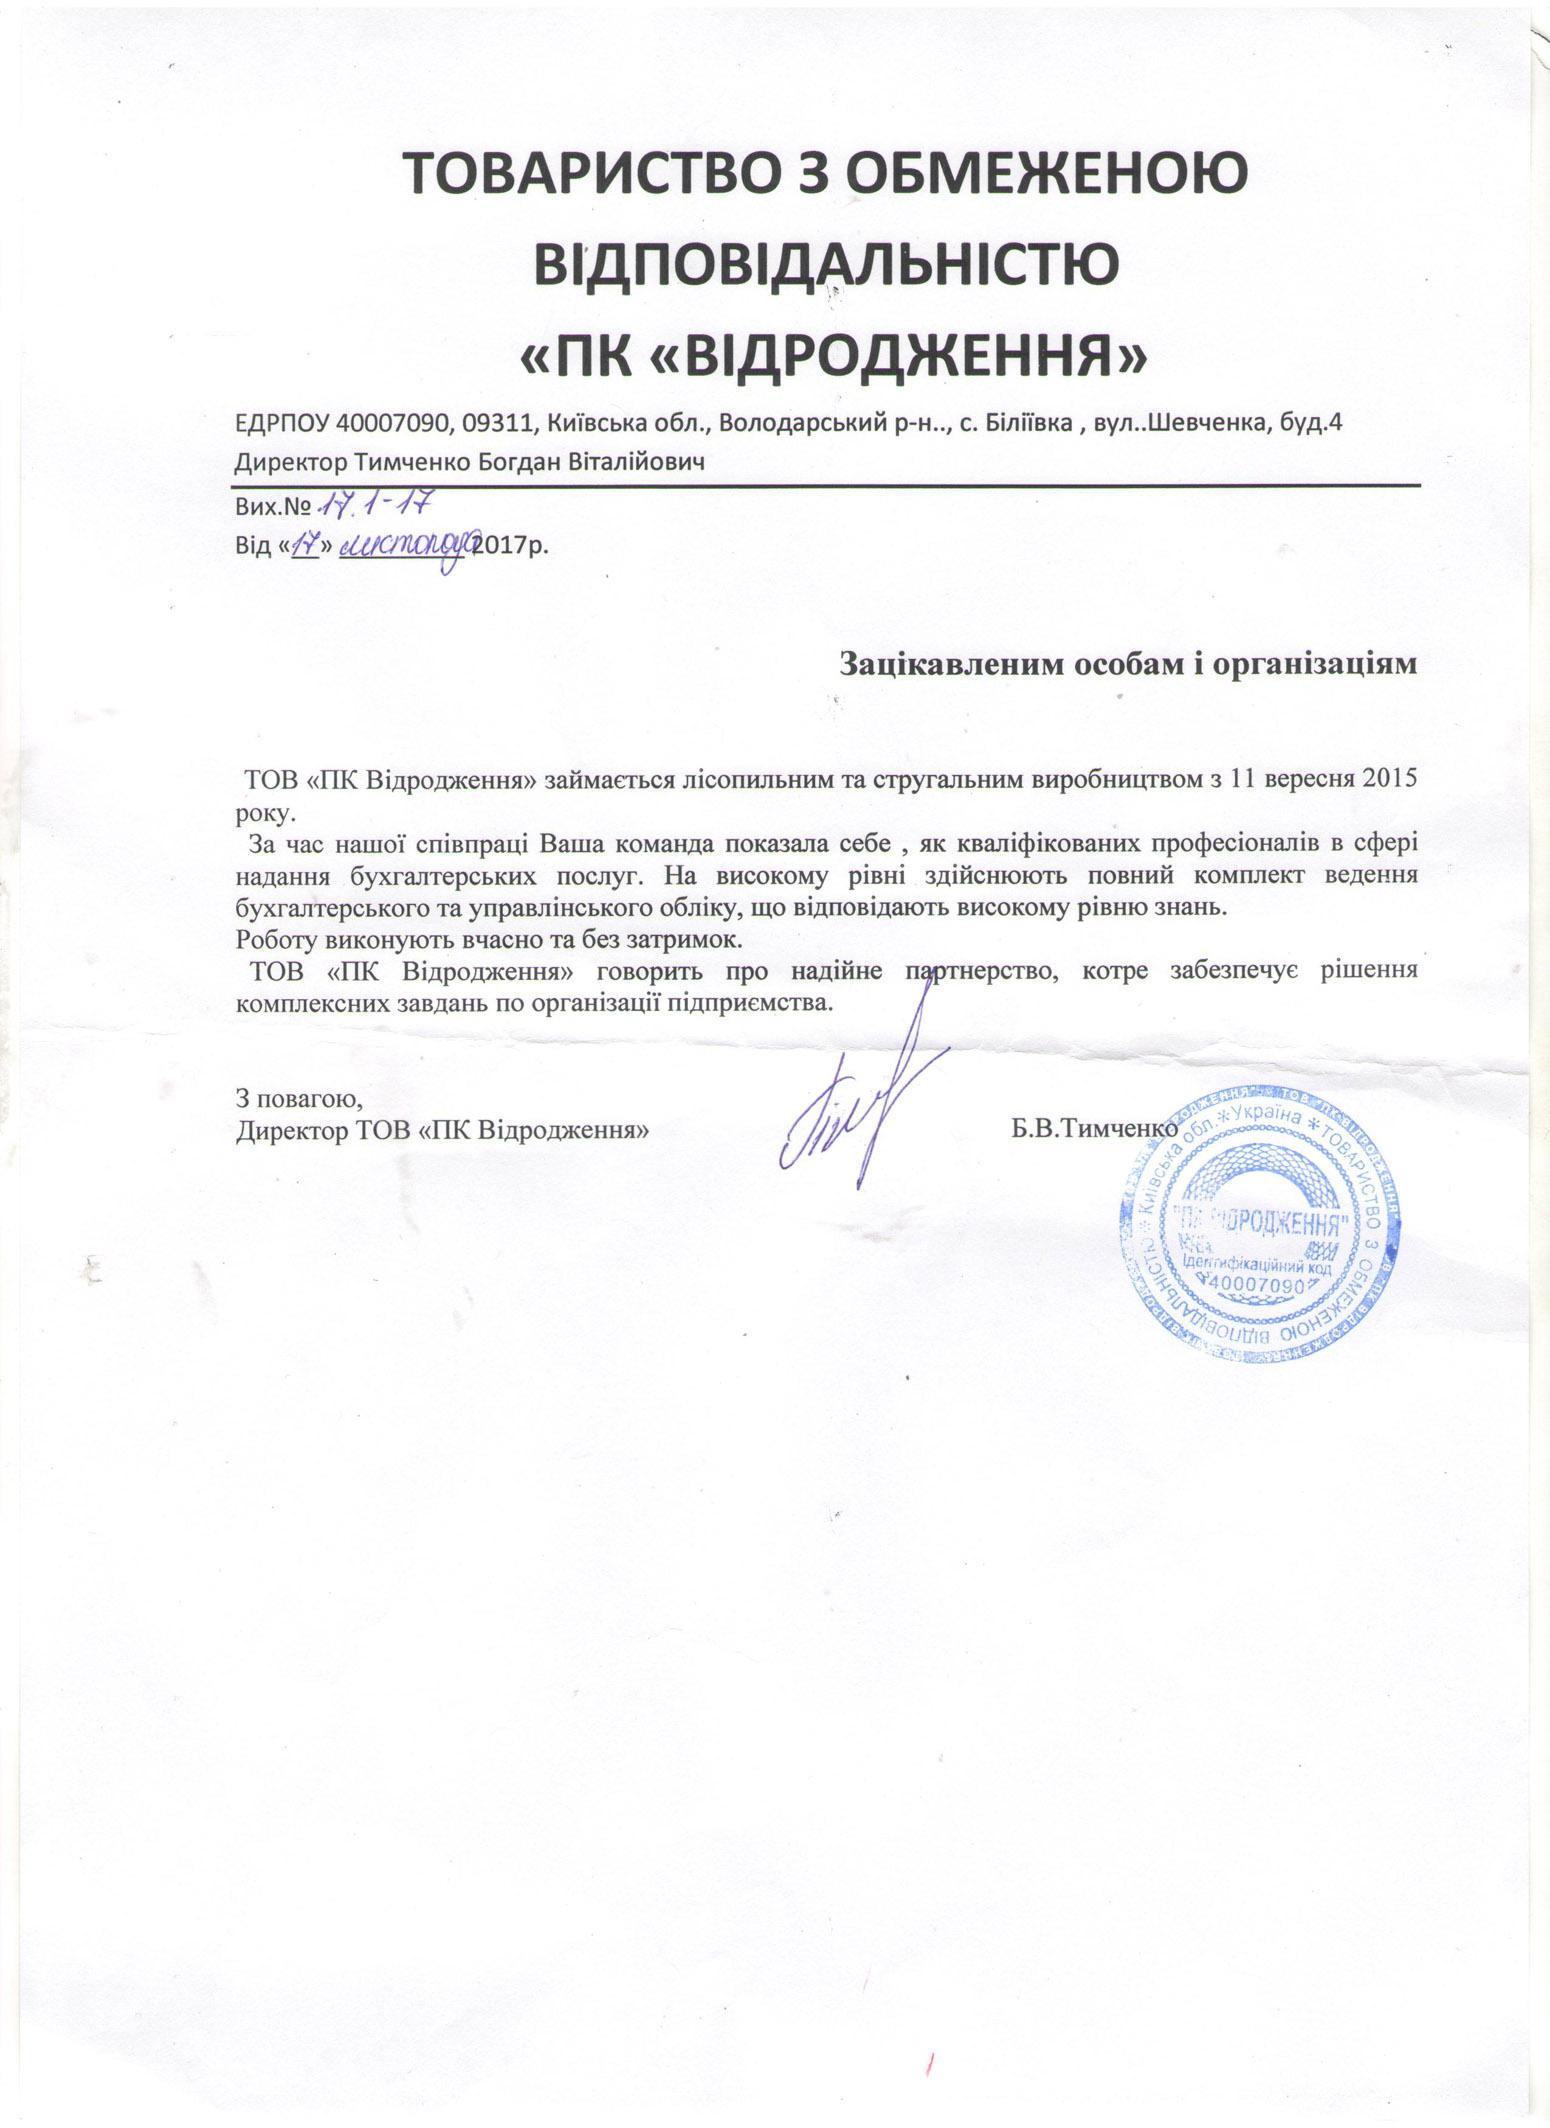 Фото Бухгалтерские услуги Украина, Киев. Сдача отчетности. Аутсорсинг 2